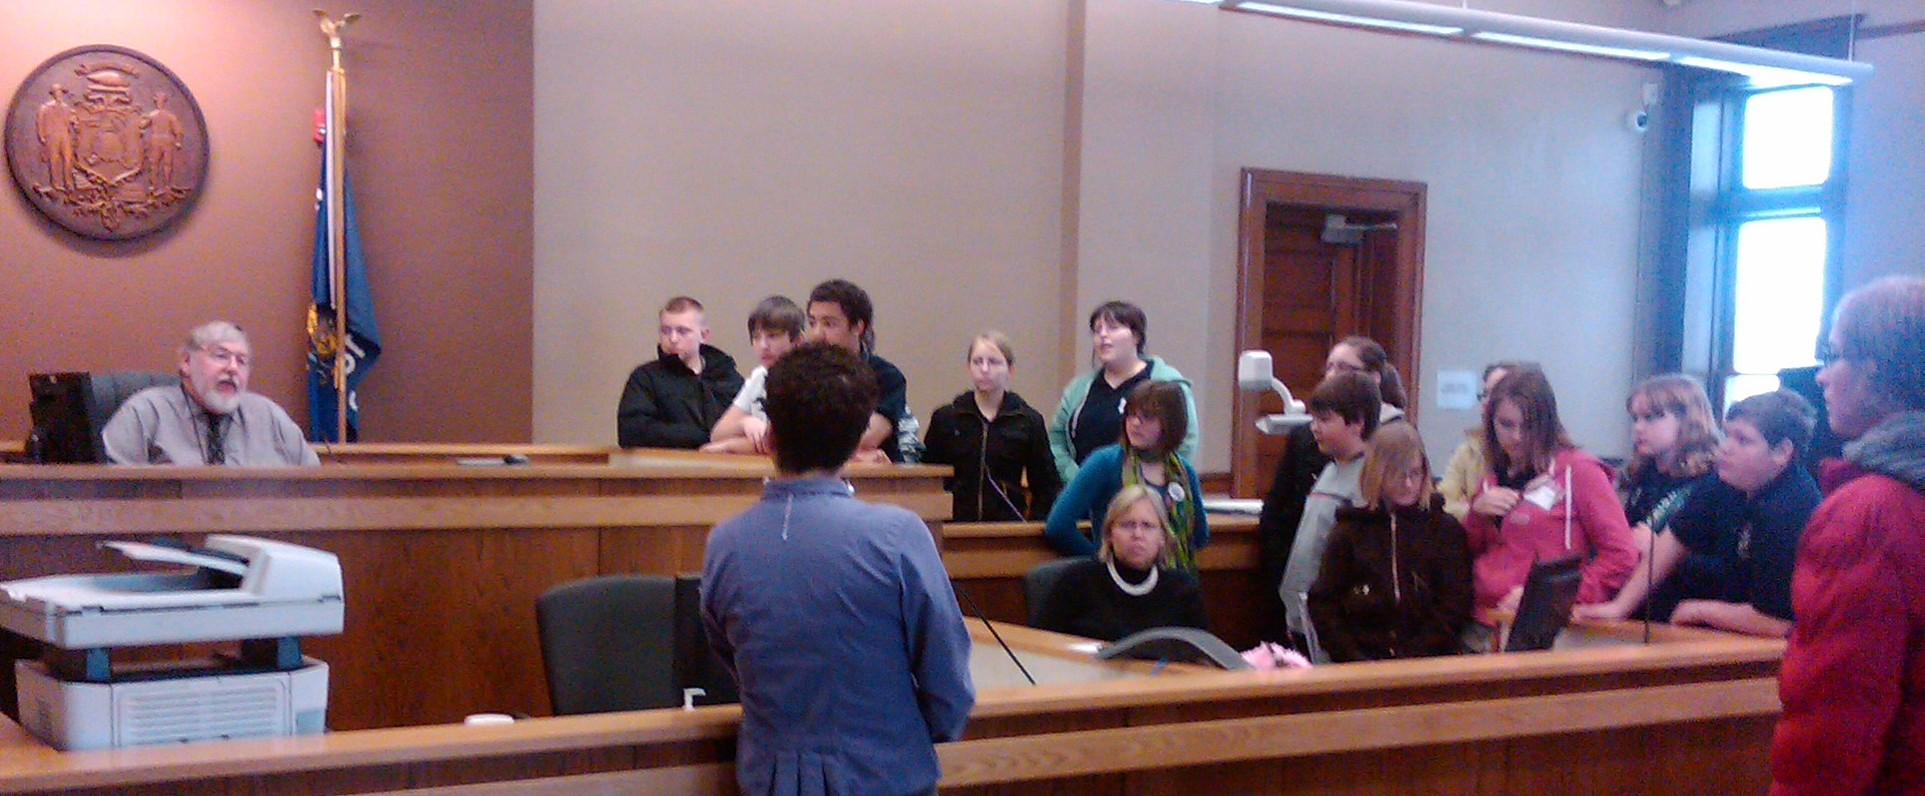 On the Teen Court - Odessa